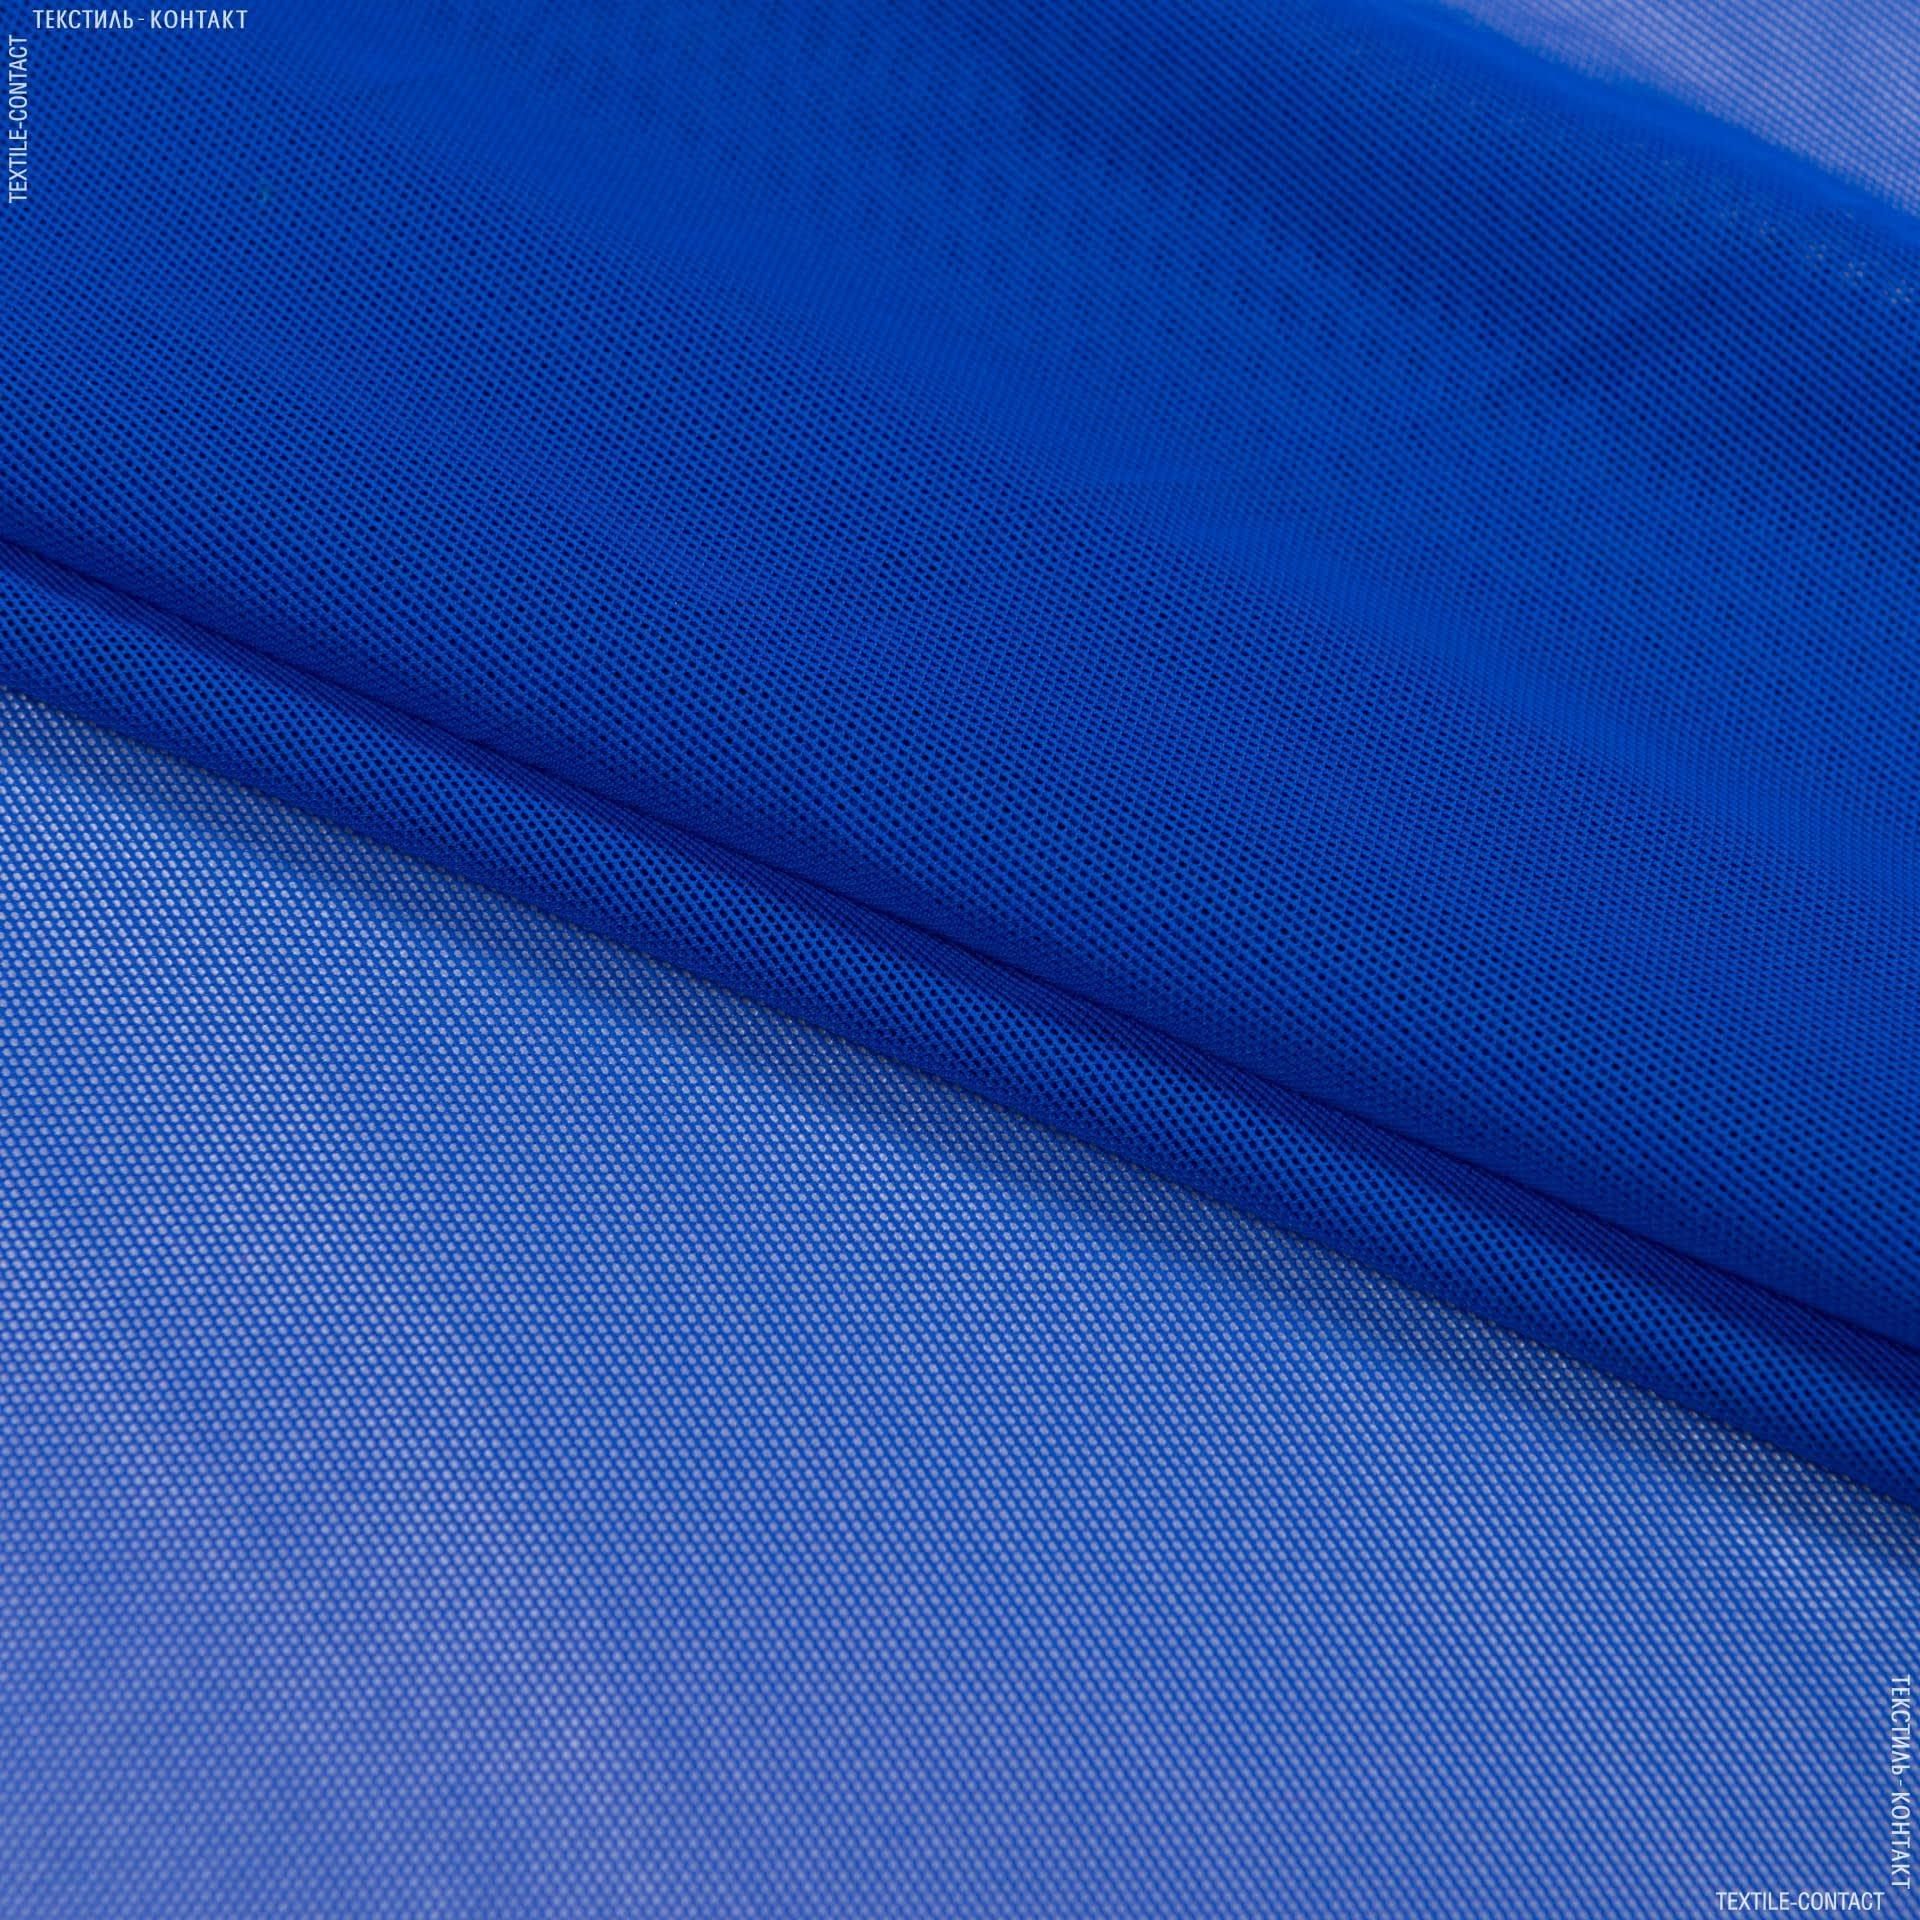 Ткани для спортивной одежды - Сетка стрейч электрик